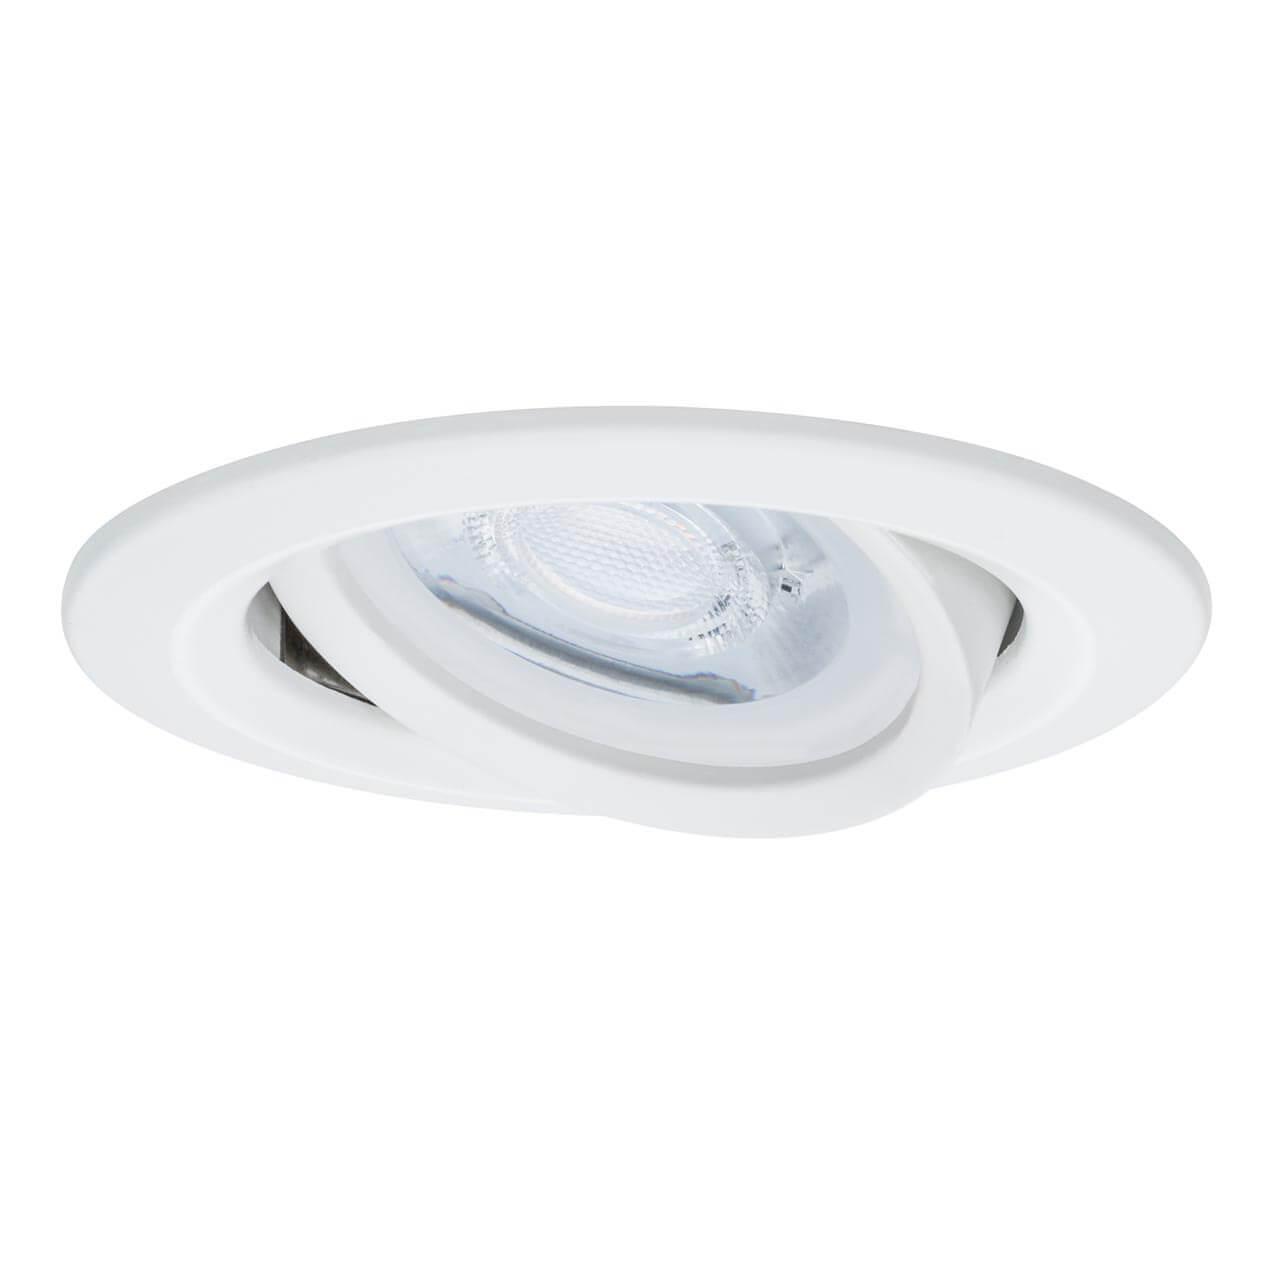 Встраиваемый светодиодный светильник Paulmann Nova 93605